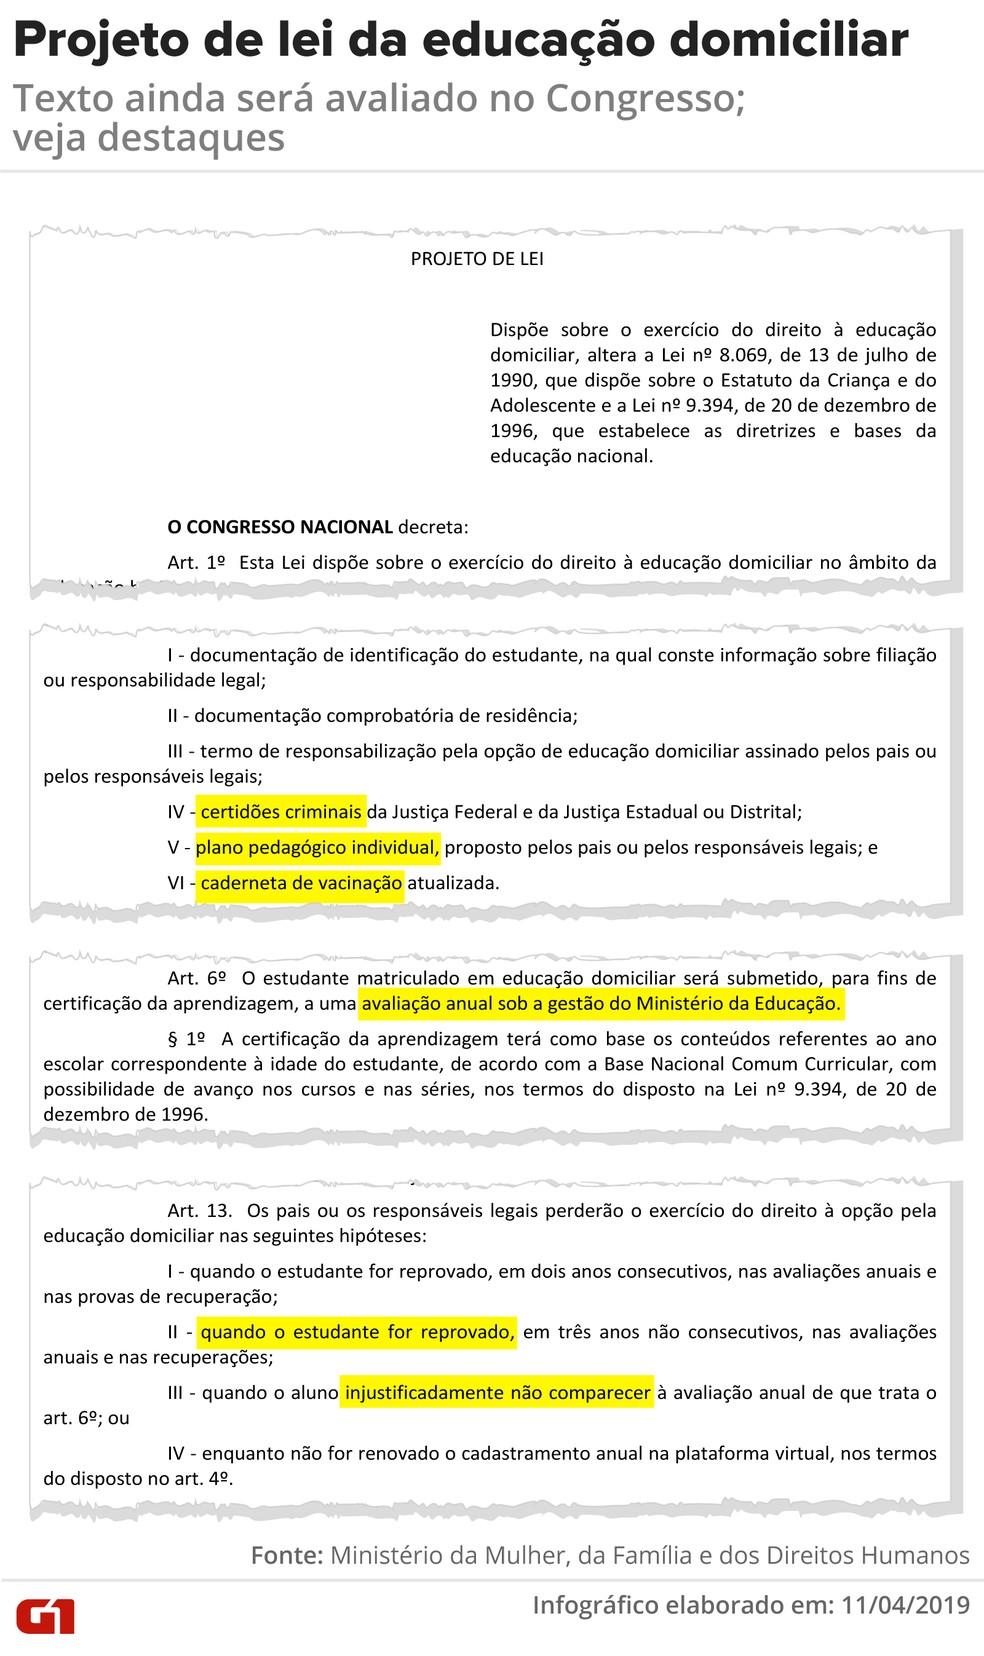 Principais pontos do projeto de lei da educação domiciliar — Foto: Igor Estrela/Arte G1